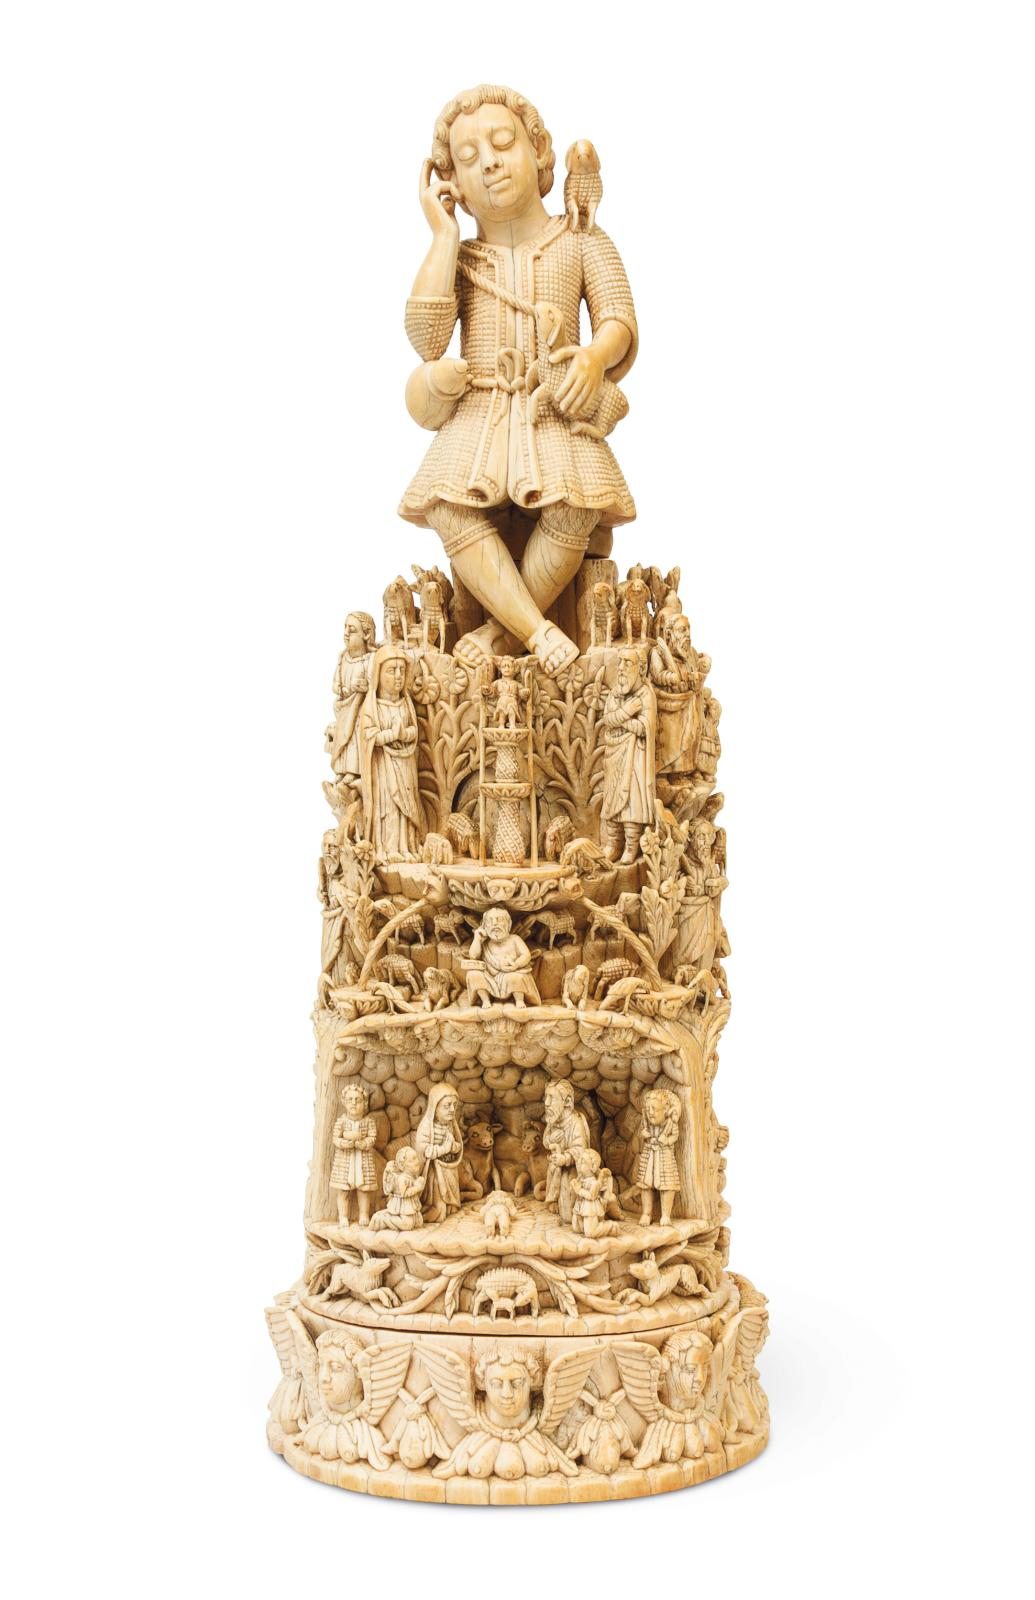 Travail indo-portugais, Enfant Jésus bon pasteur, ivoire, h.44,5cm. Galerie São Roque